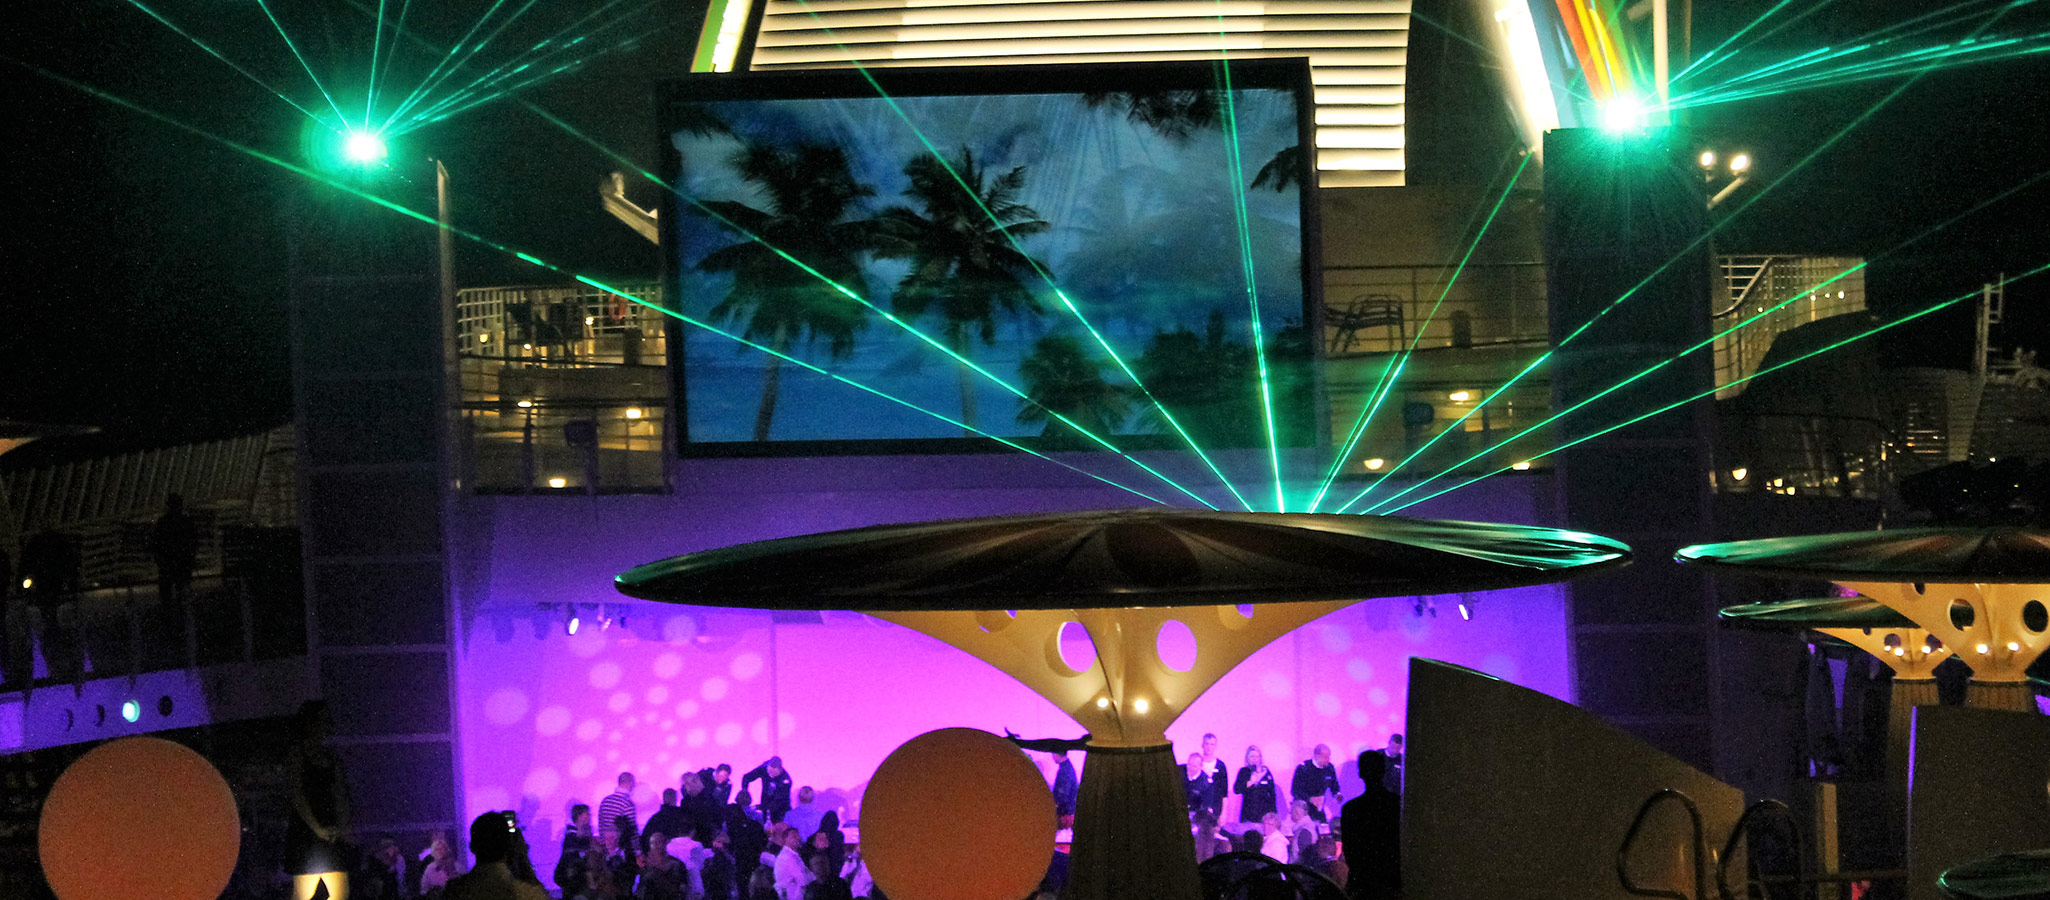 Licht- und Tontechnik vom Feinsten, Großleinwände und teils sogar Laseranlagen erlauben die perfekte Inszenierung Ihres Events.